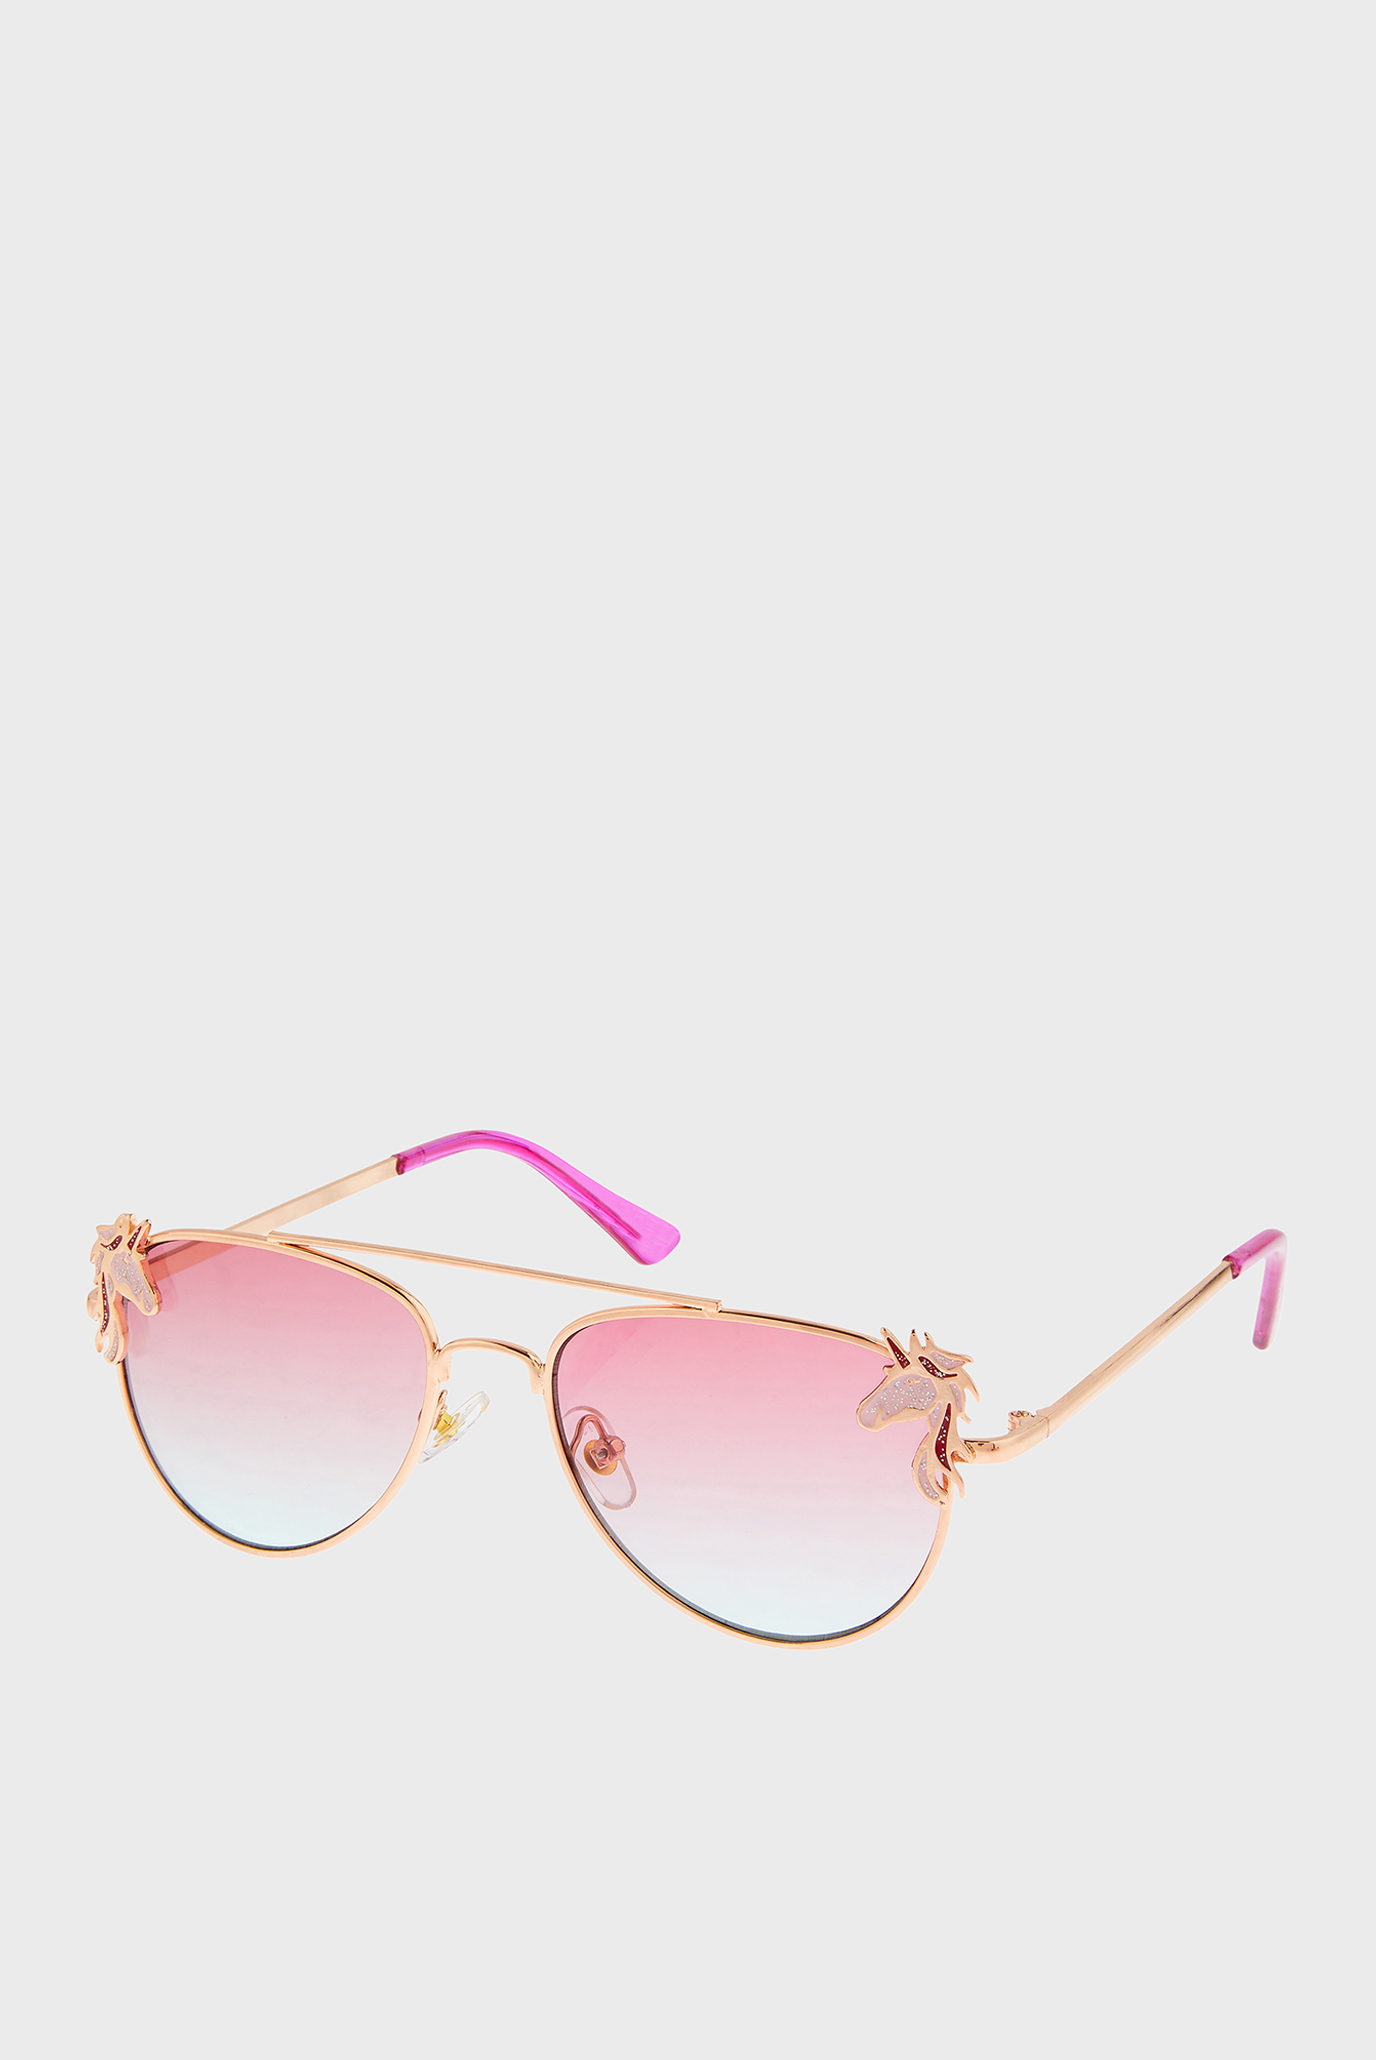 Дитячі золотисті окуляри NARLA UNICORN AVIAT 1